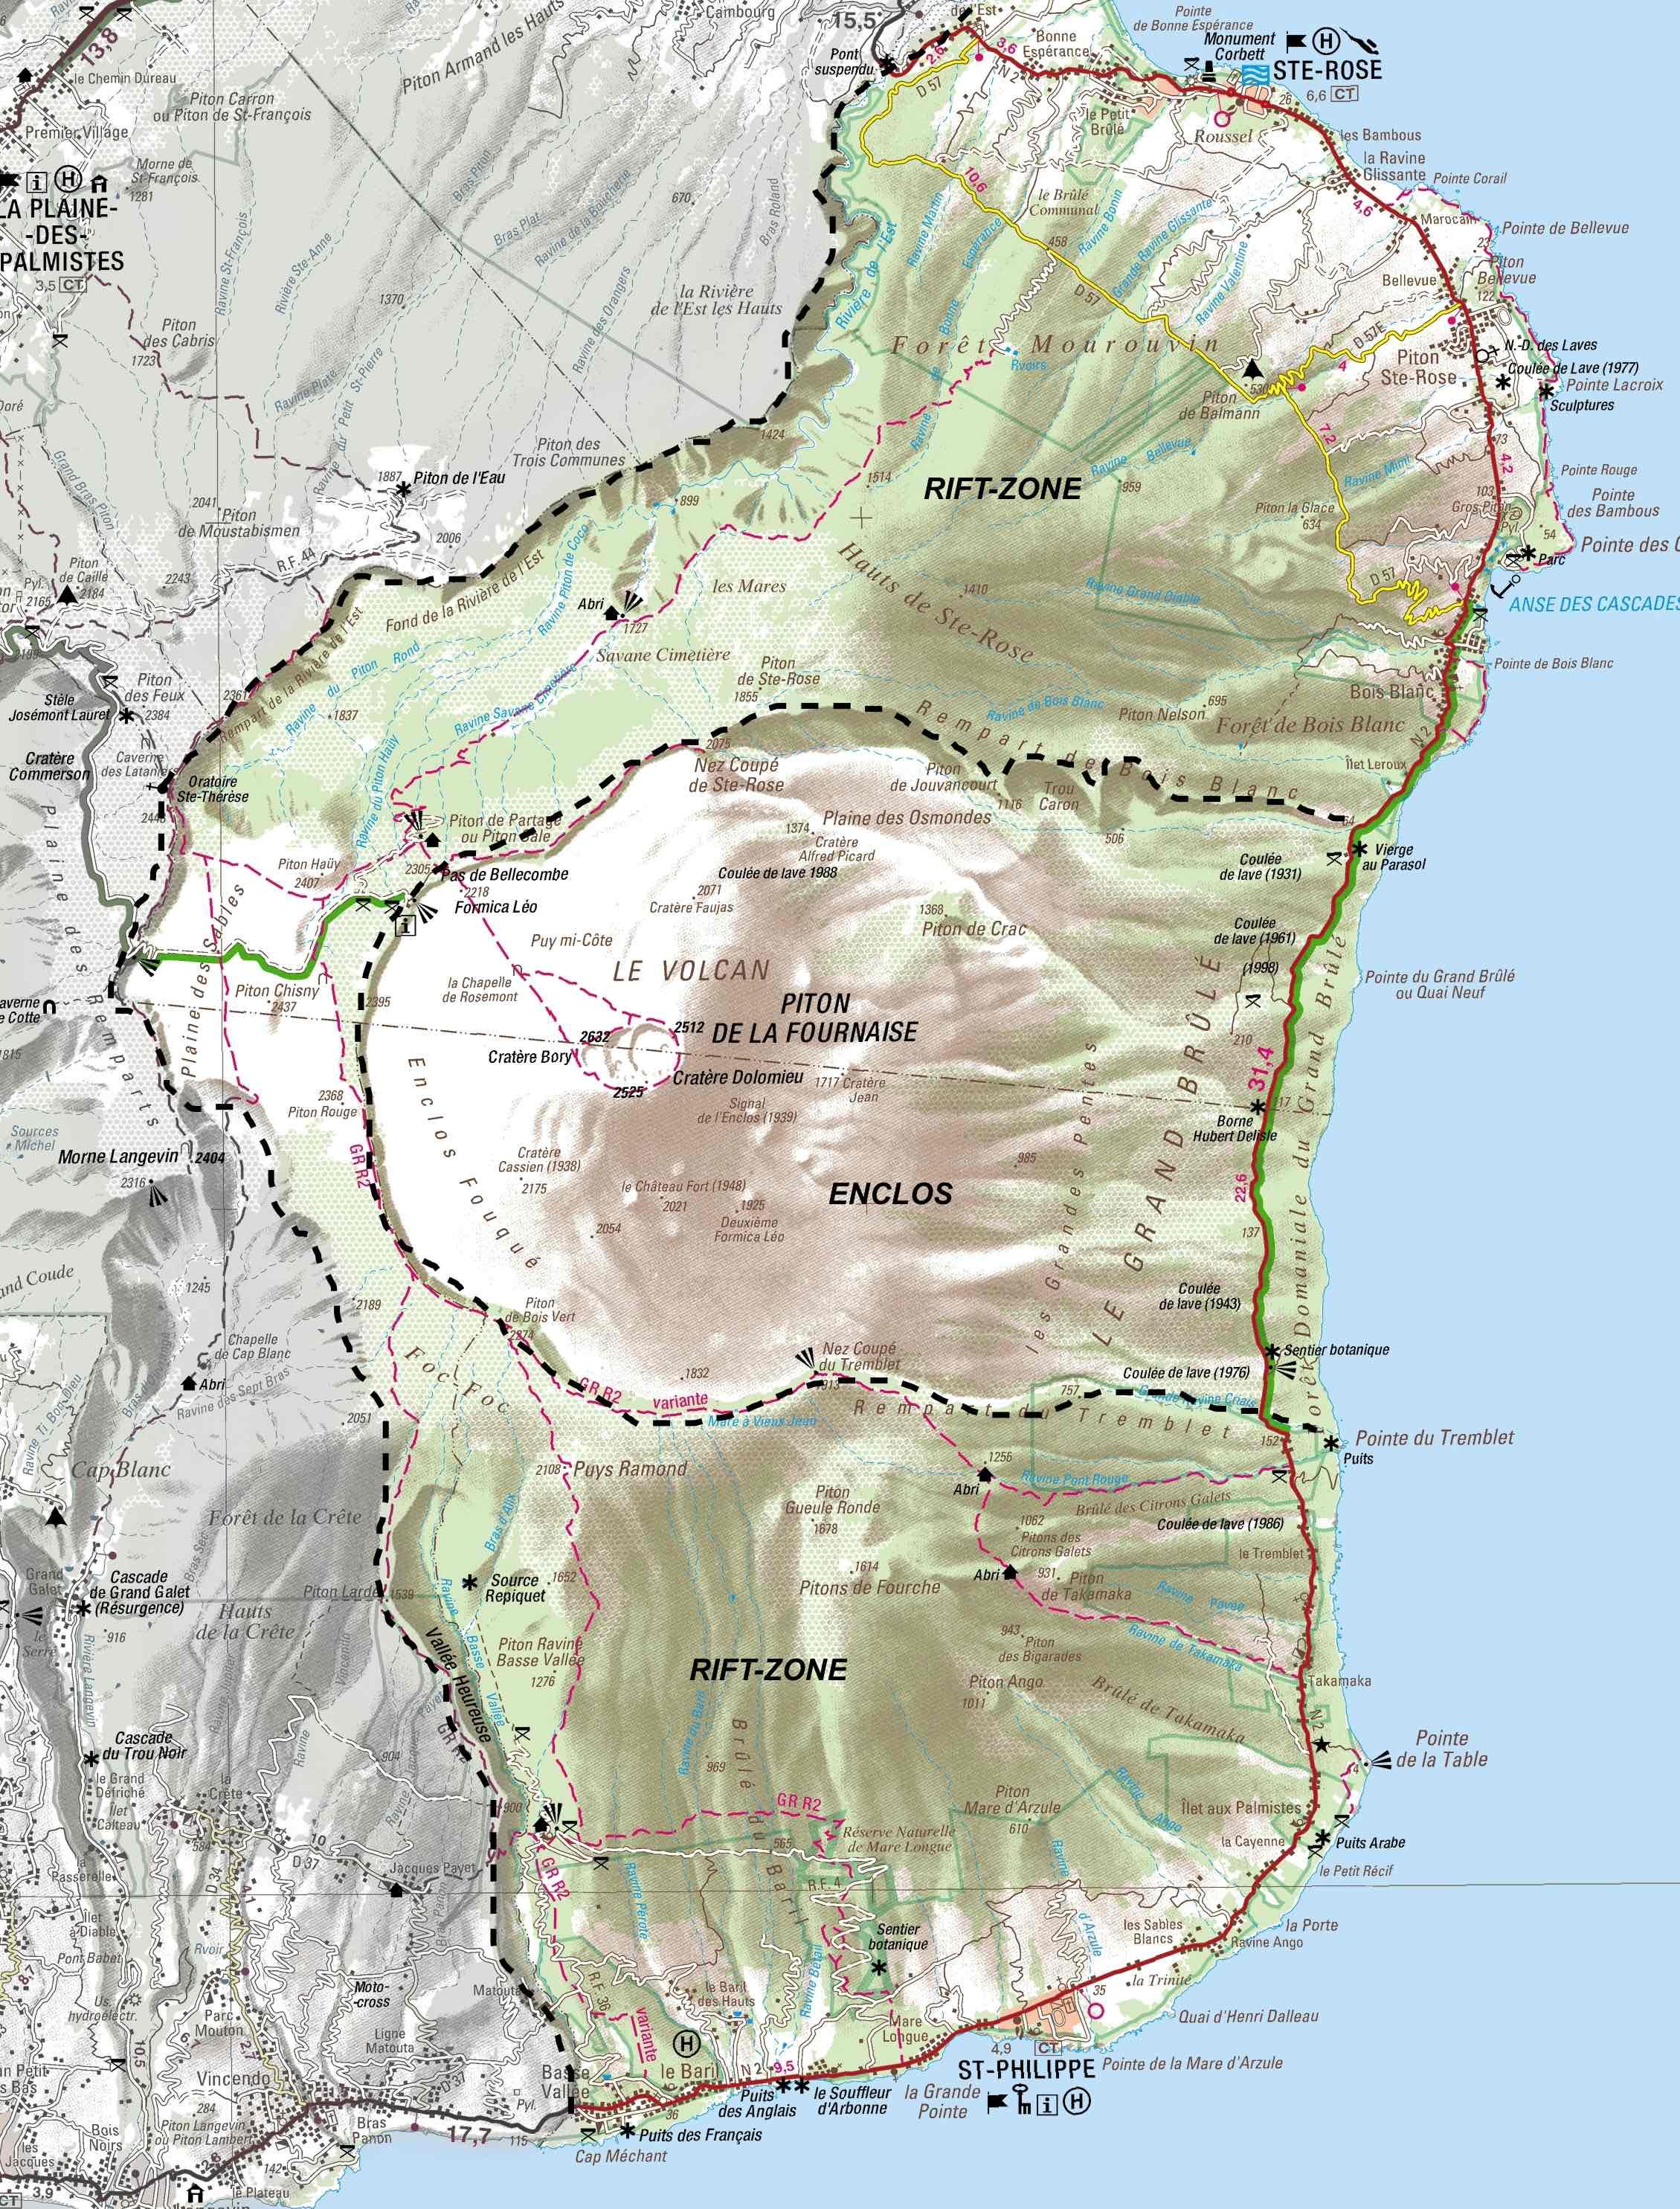 Carte Volcan Piton de la Fournaise